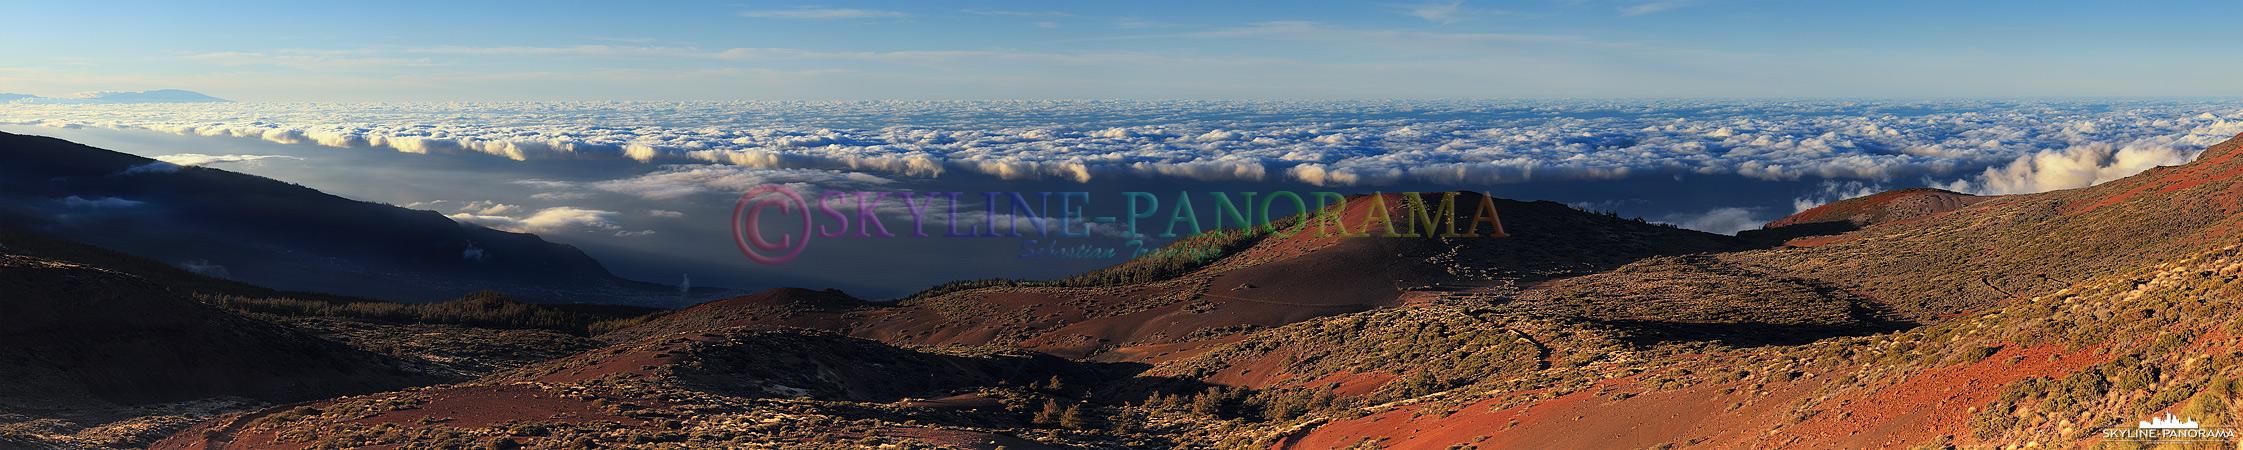 Bilder Insel Teneriffa - Das Panorama vom Teide Nationalpark, etwas unterhalb des Observatoriums, in Richtung Orotava Tal und Puerto de la Cruz.